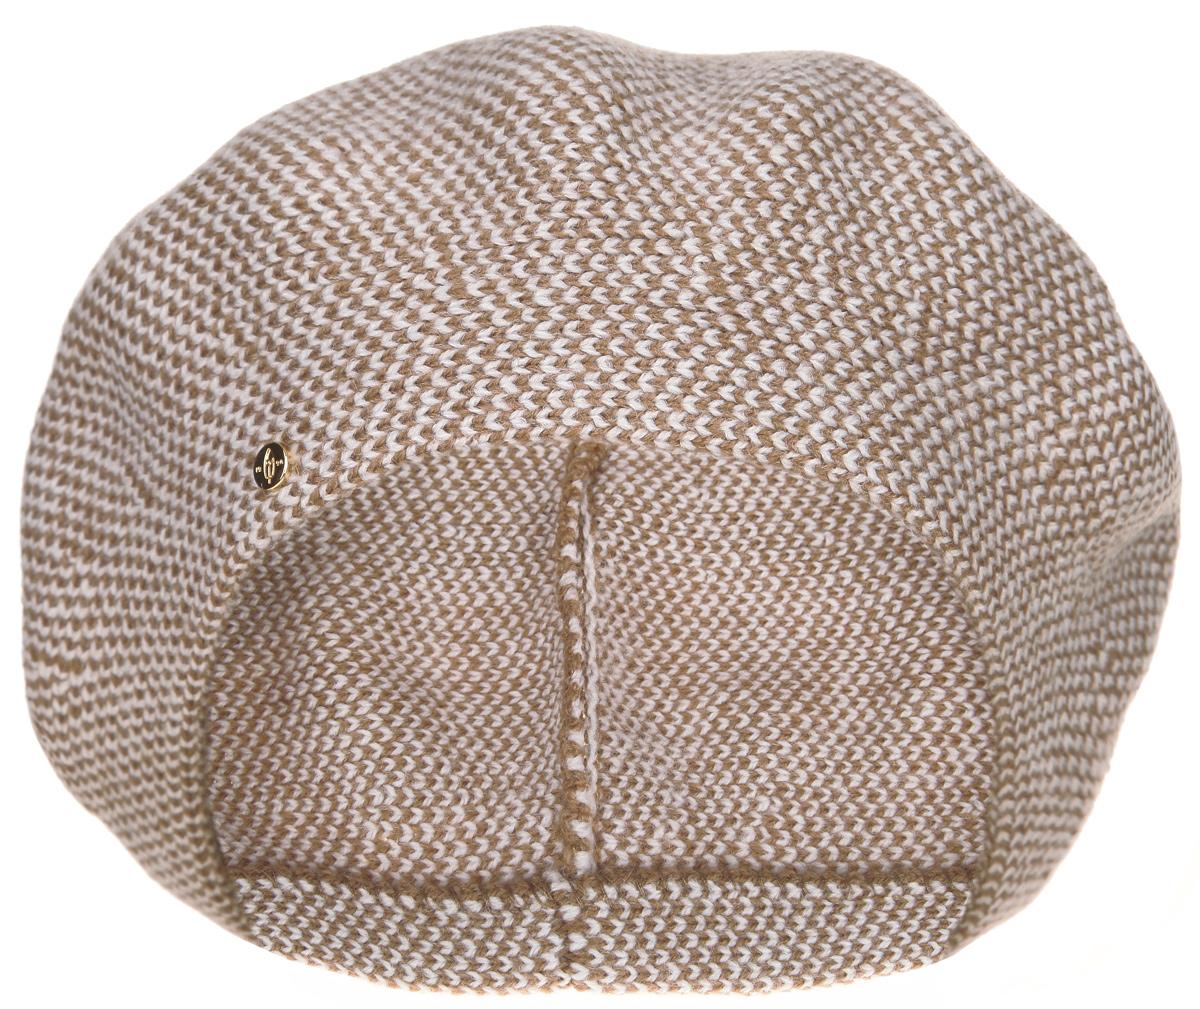 3450493Стильный женский берет Canoe Dams отлично дополнит ваш образ в холодную погоду. Сочетание шерсти и акрила максимально сохраняет тепло и обеспечивает удобную посадку. Берет украшен небольшим декоративным элементом с изображением логотипа бренда. Привлекательный стильный берет Canoe Dams подчеркнет ваш неповторимый стиль и индивидуальность.